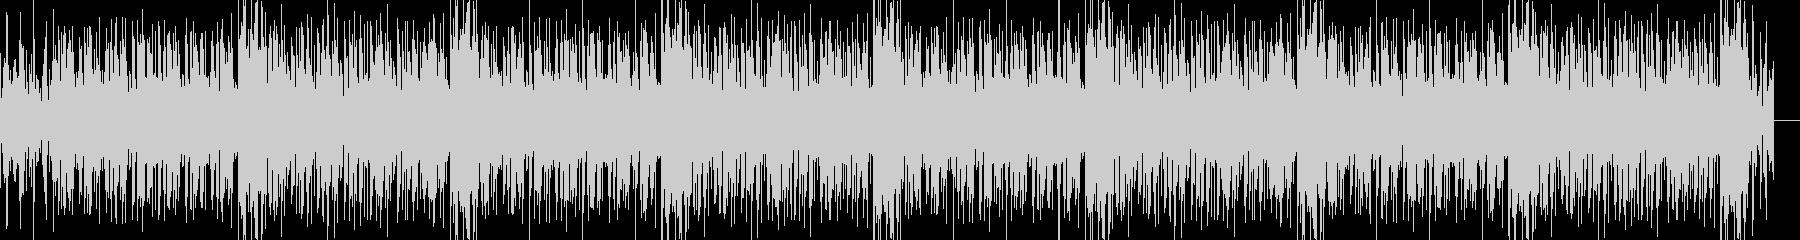 ダークEDMヒップホップ民族エレクトロの未再生の波形